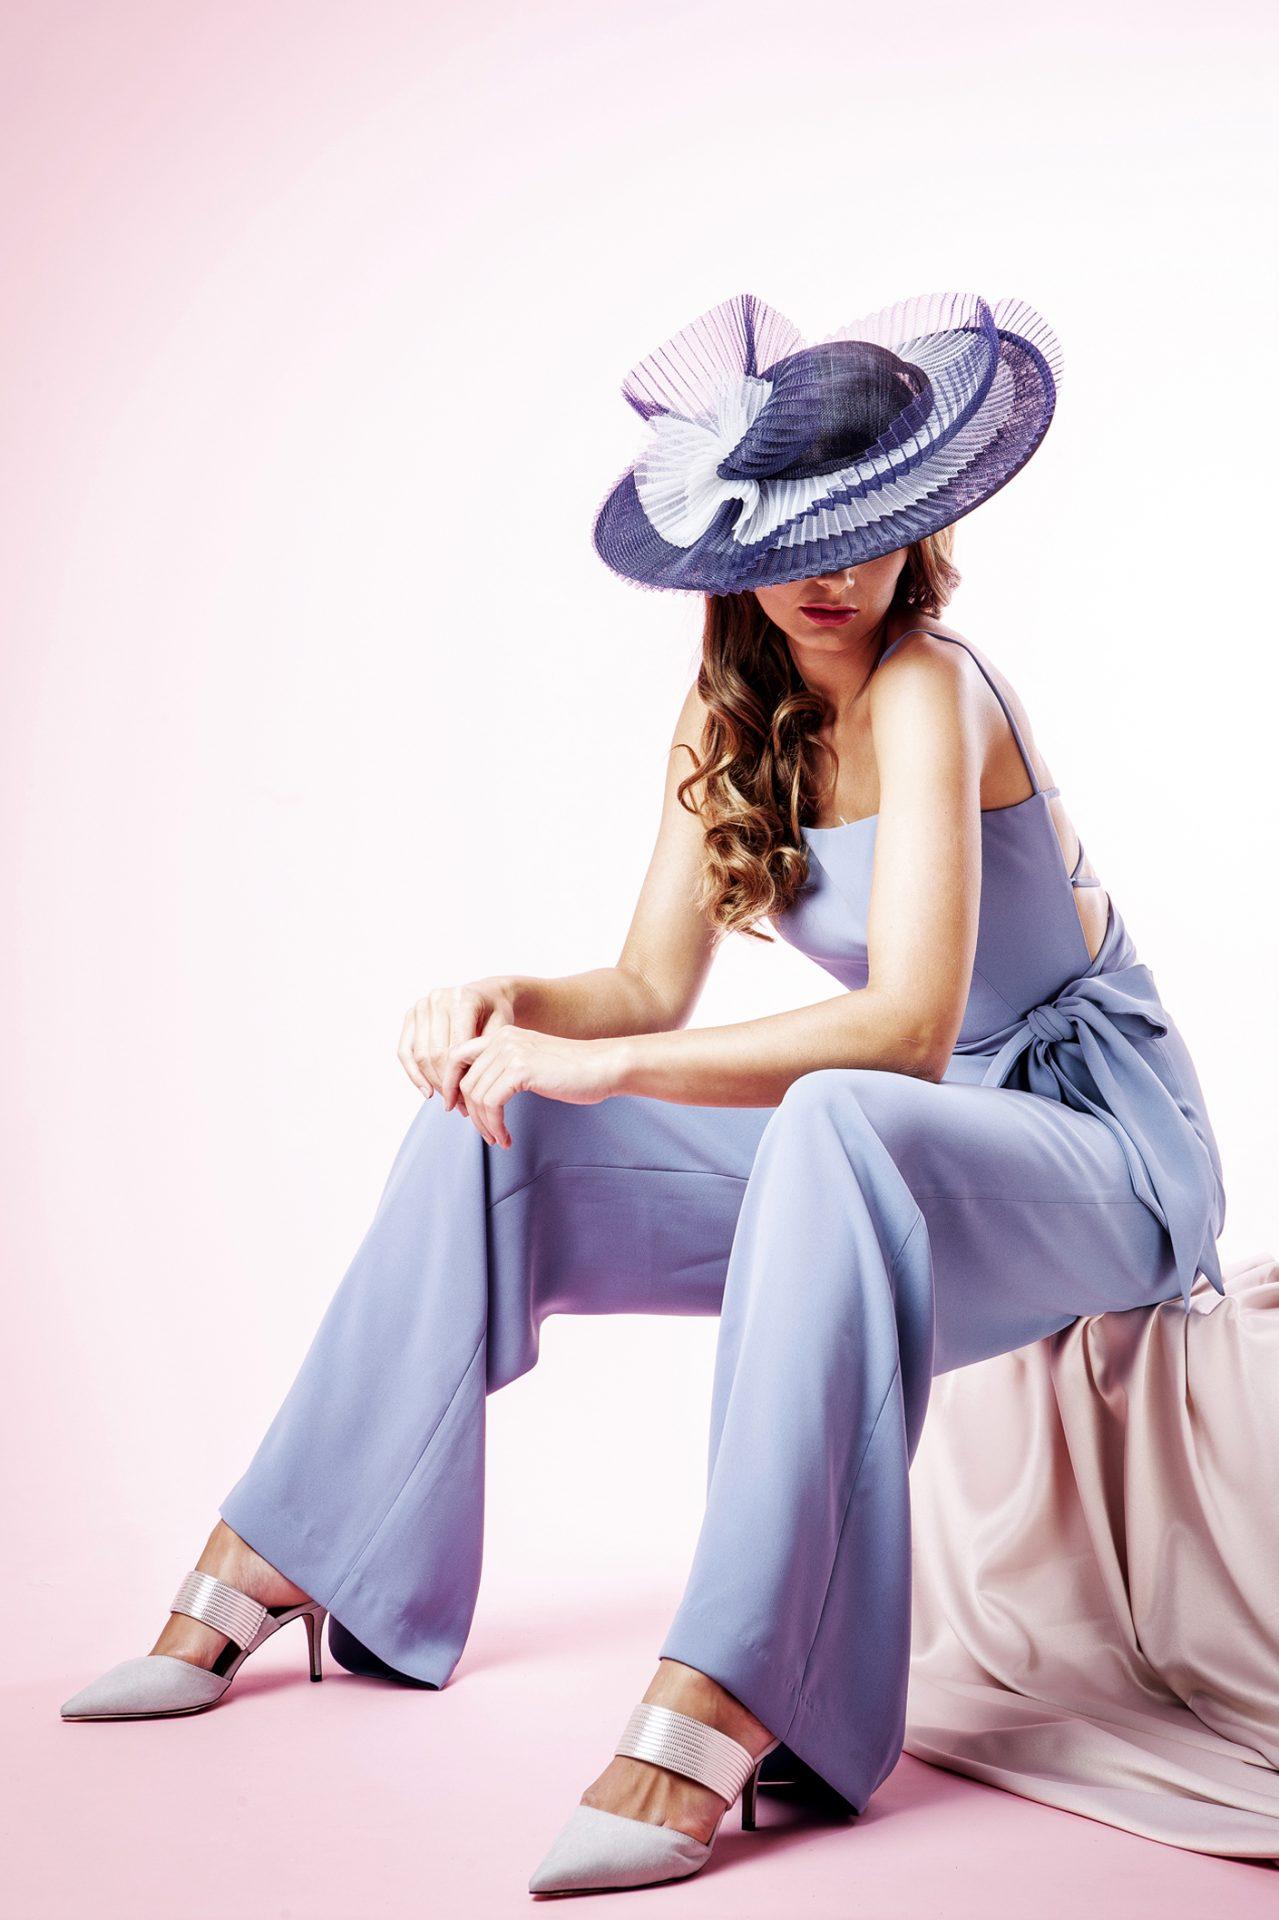 fashion-photography-womenswear